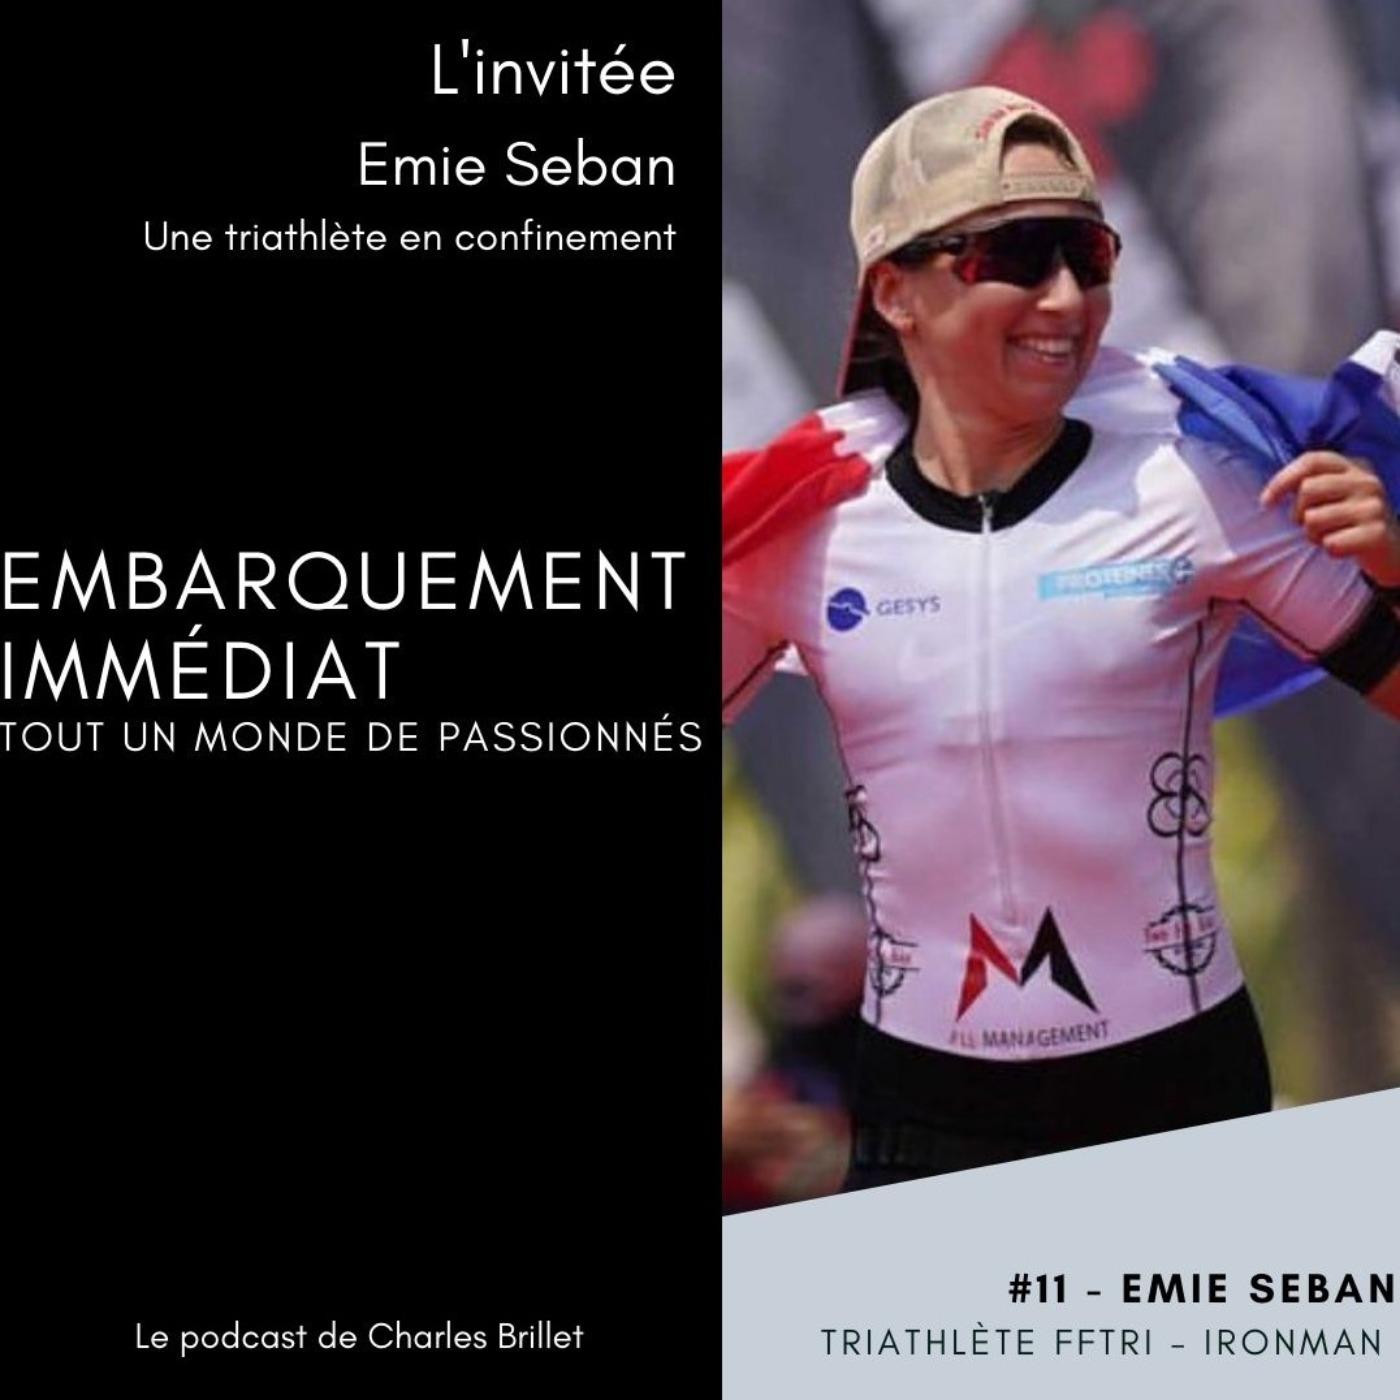 #11 - Emie Seban - Une triathlète en confinement - Monaco Hyeres - France